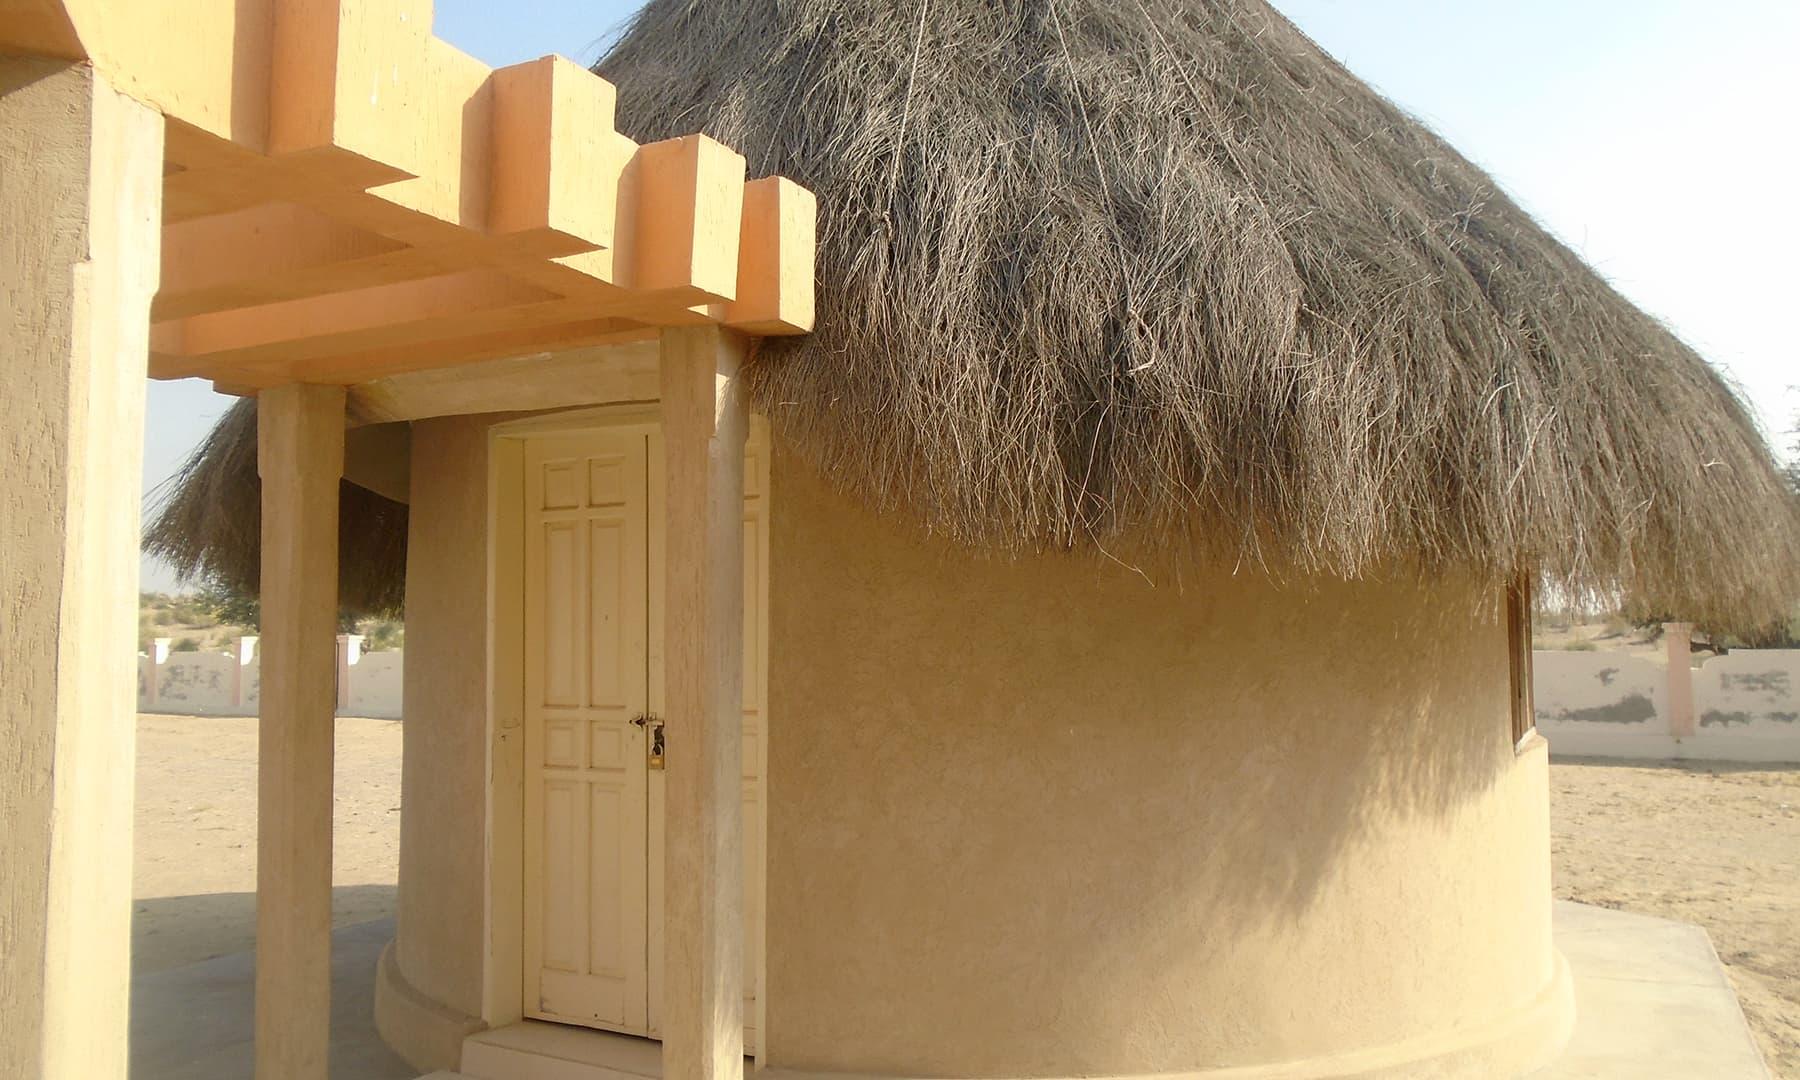 ماروی کے کنویں کے نزدیک ایک کمرے کا میوزیم بھی قائم کیا گیا ہے.